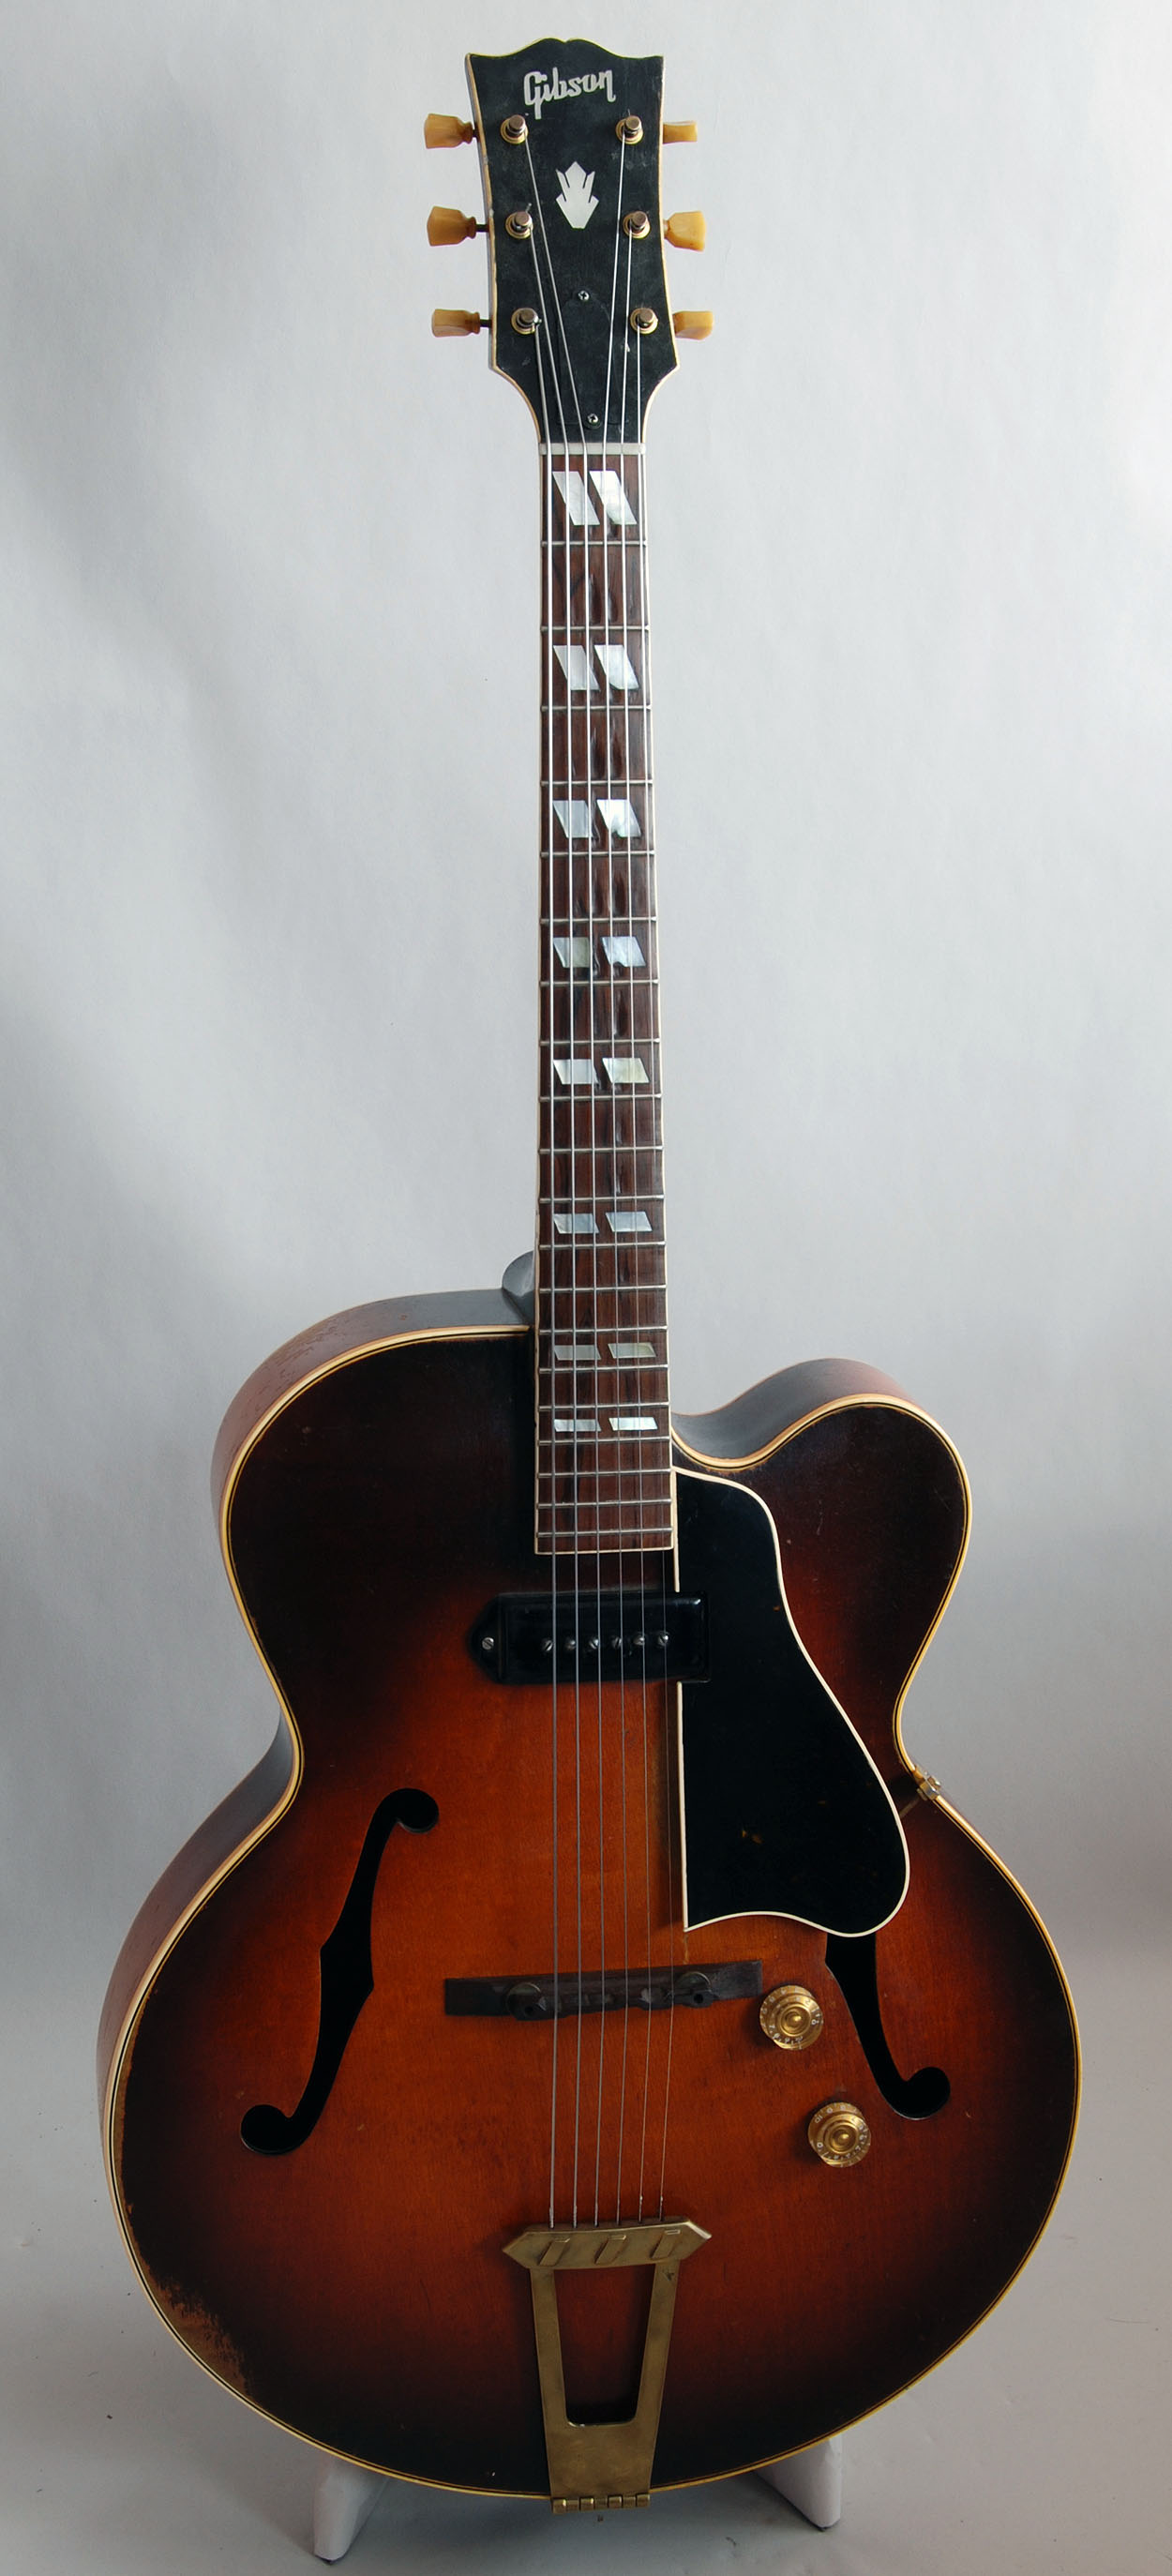 gibson model es 350 guitar for sale. Black Bedroom Furniture Sets. Home Design Ideas